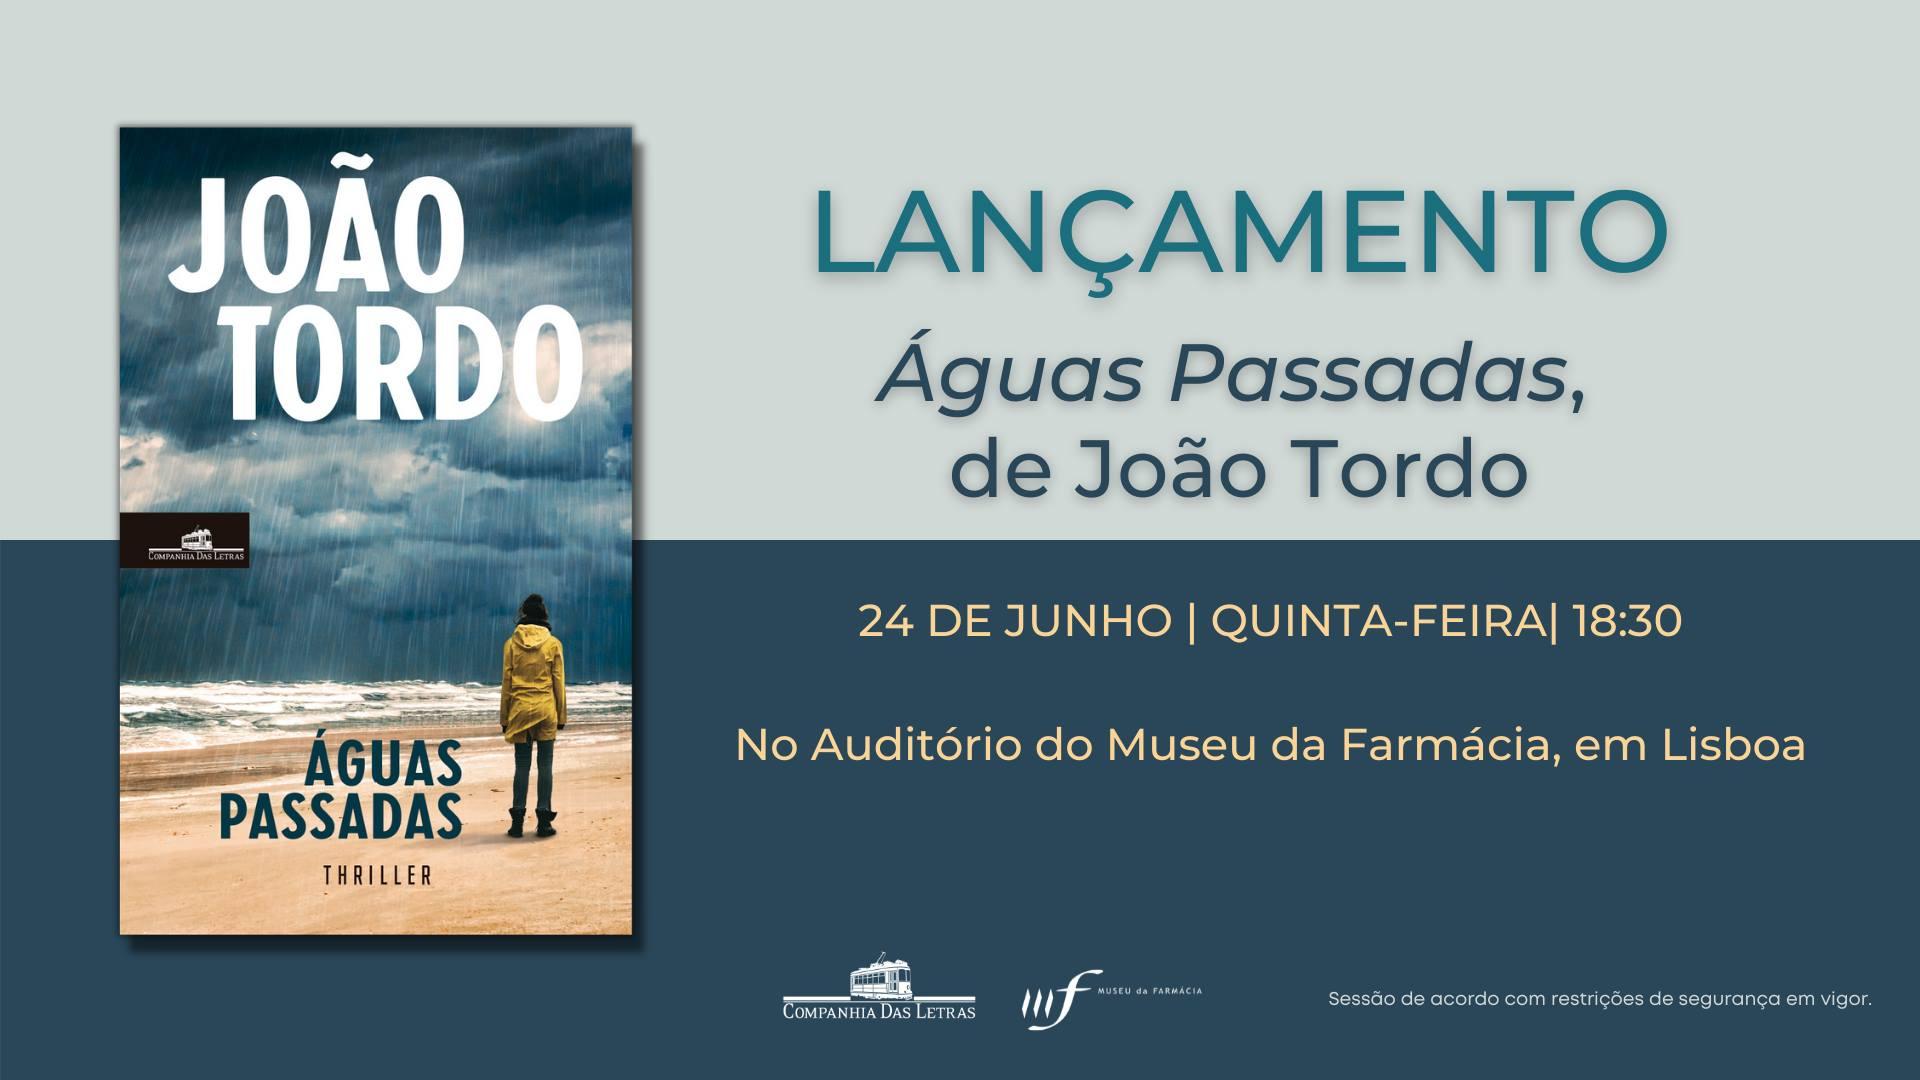 Lançamento de ÁGUAS PASSADAS, de João Tordo, em Lisboa